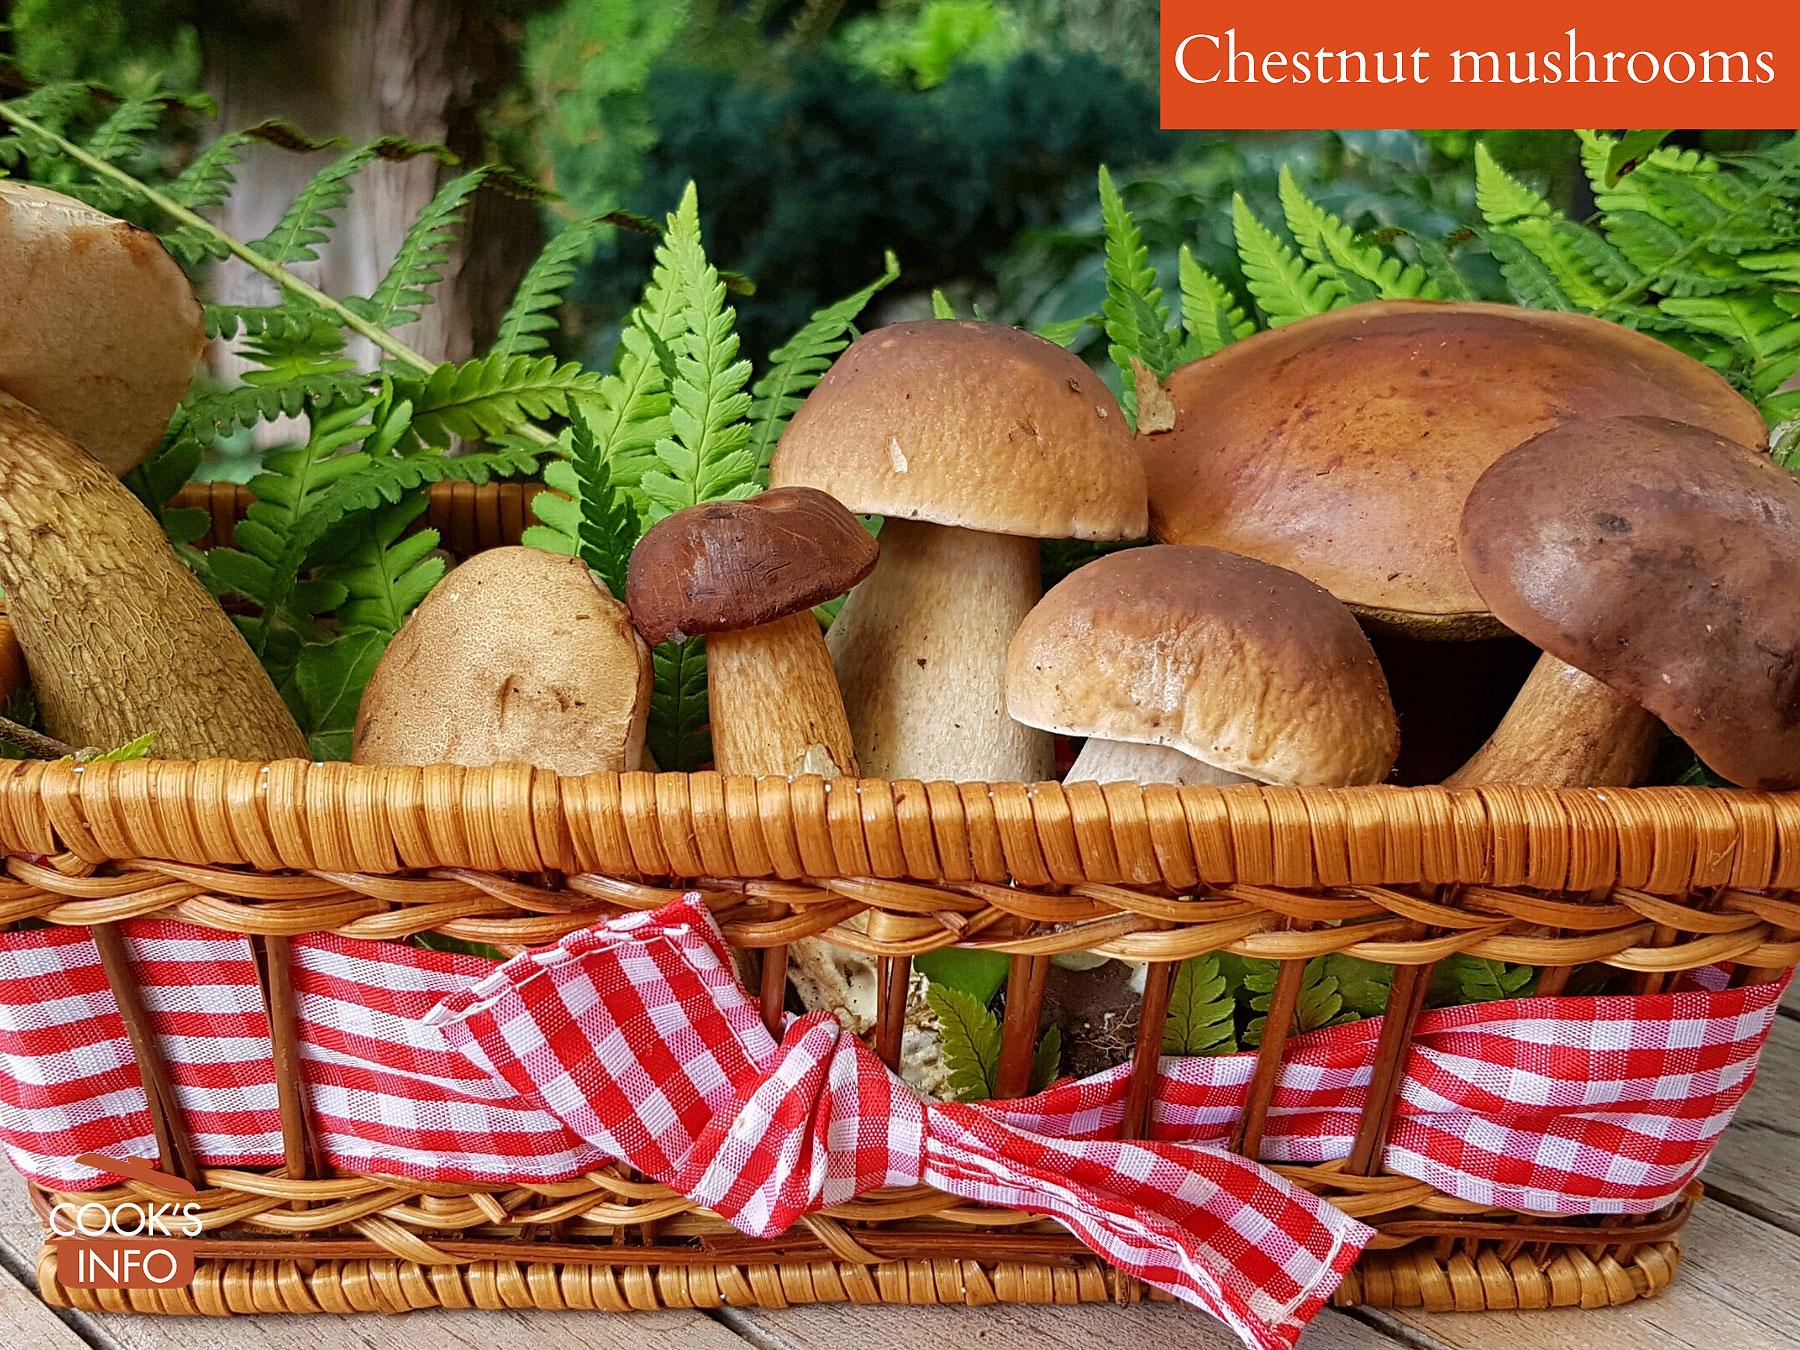 Chestnut mushrooms